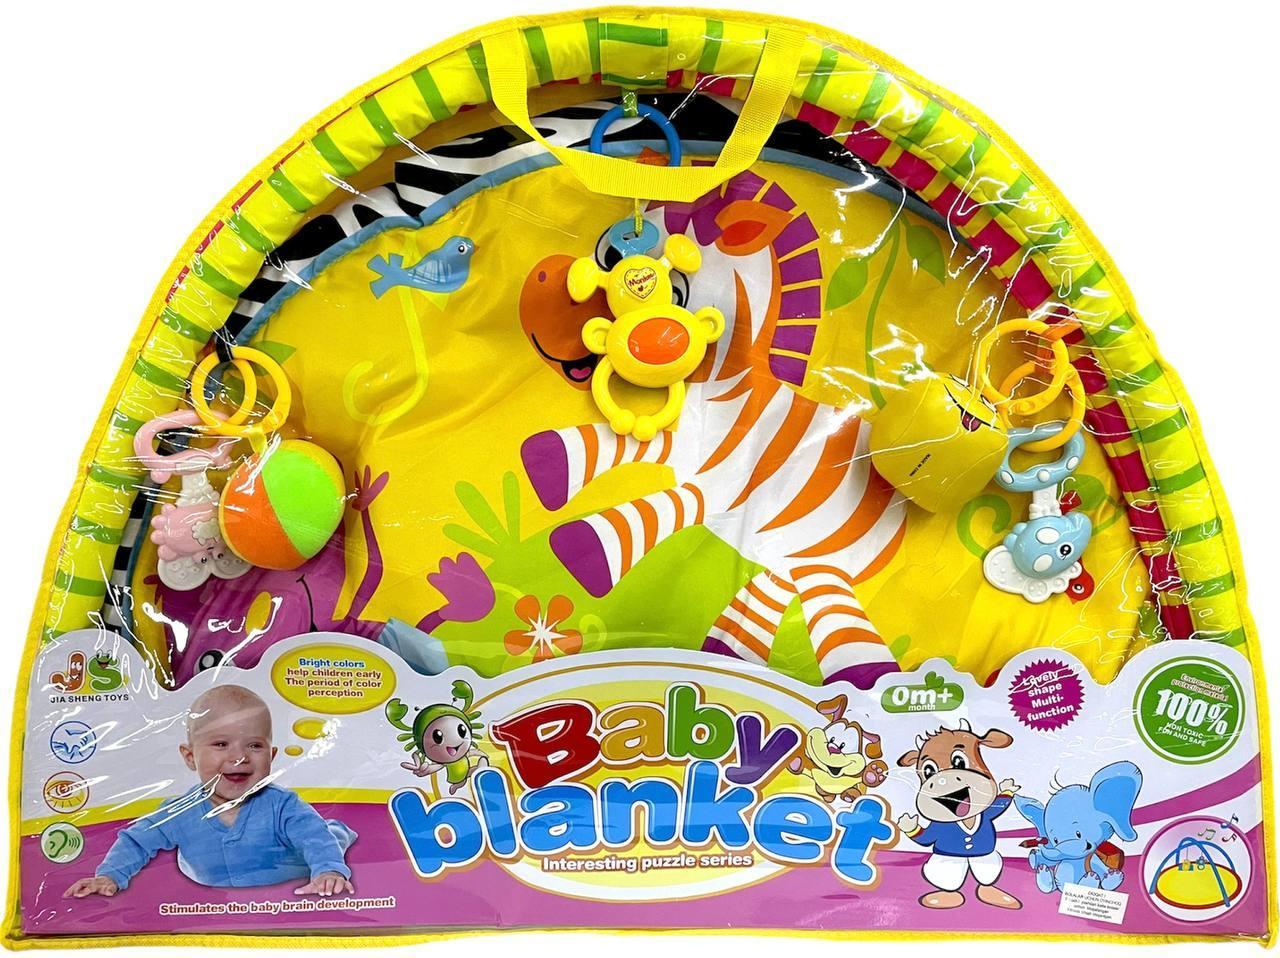 518-04 Развивающий коврик Baby blank Ket с дугой и погремушками 79*57см